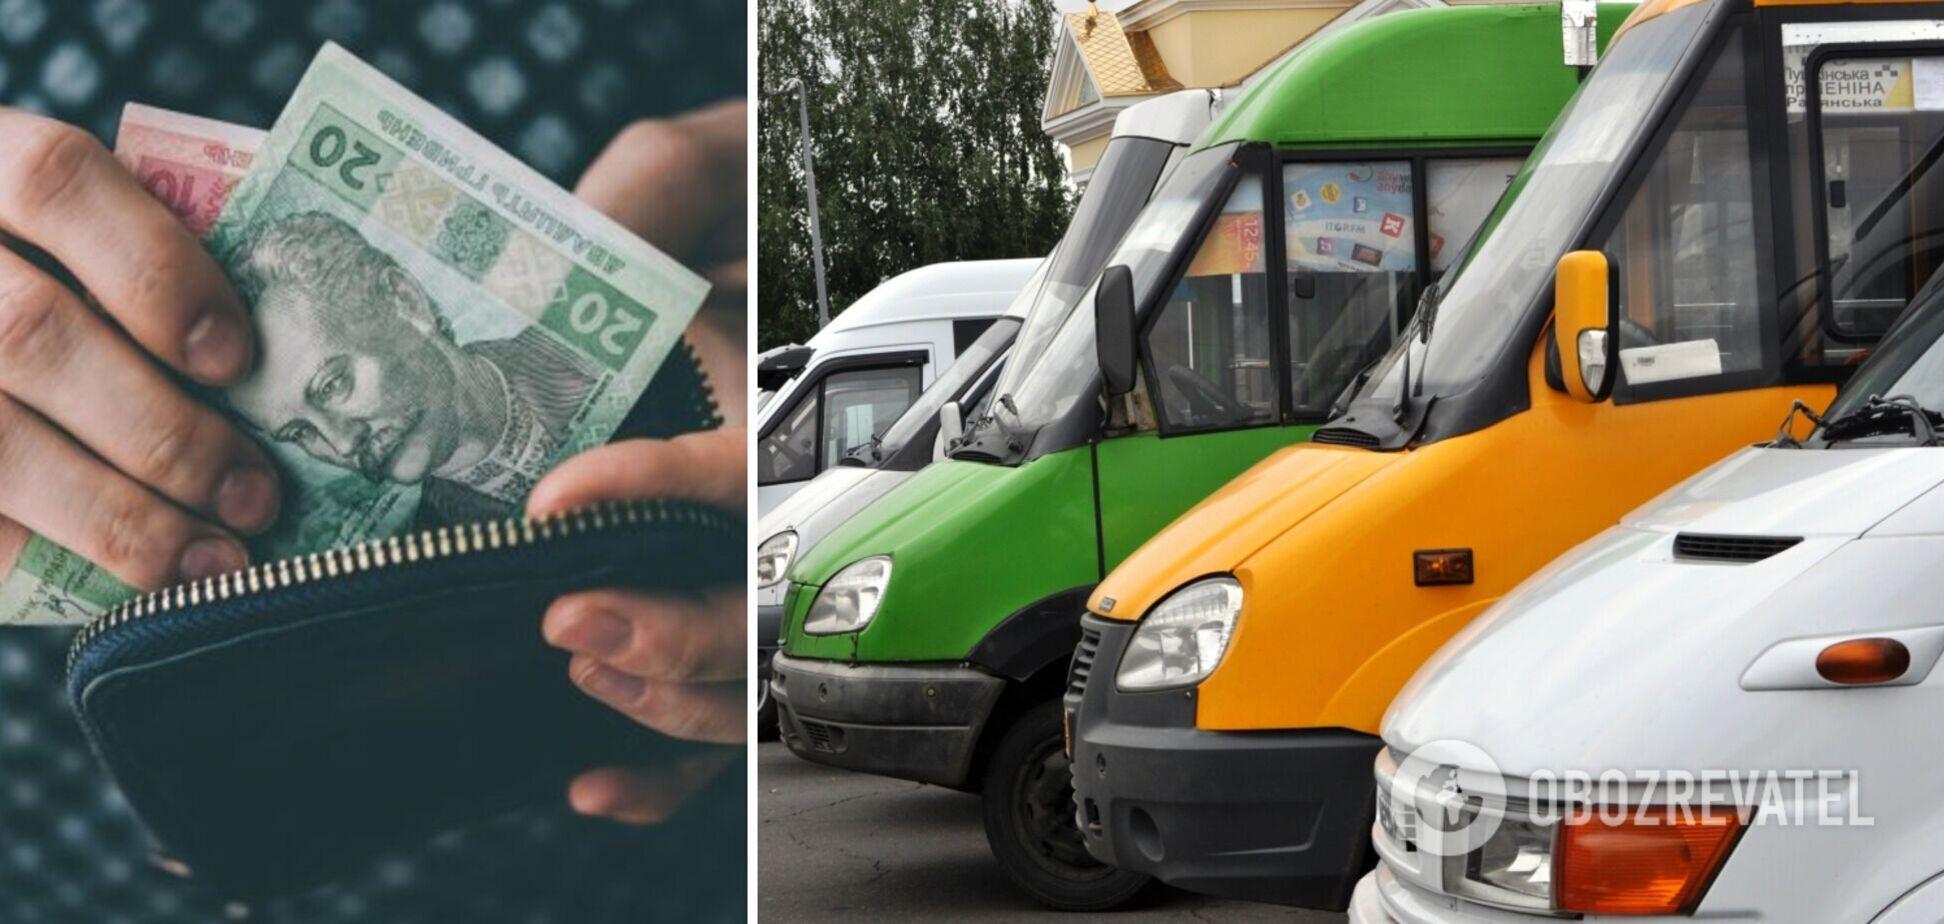 У Вінниці вдвічі збільшили вартість проїзду в маршрутках: буде дорожче, ніж у Києві